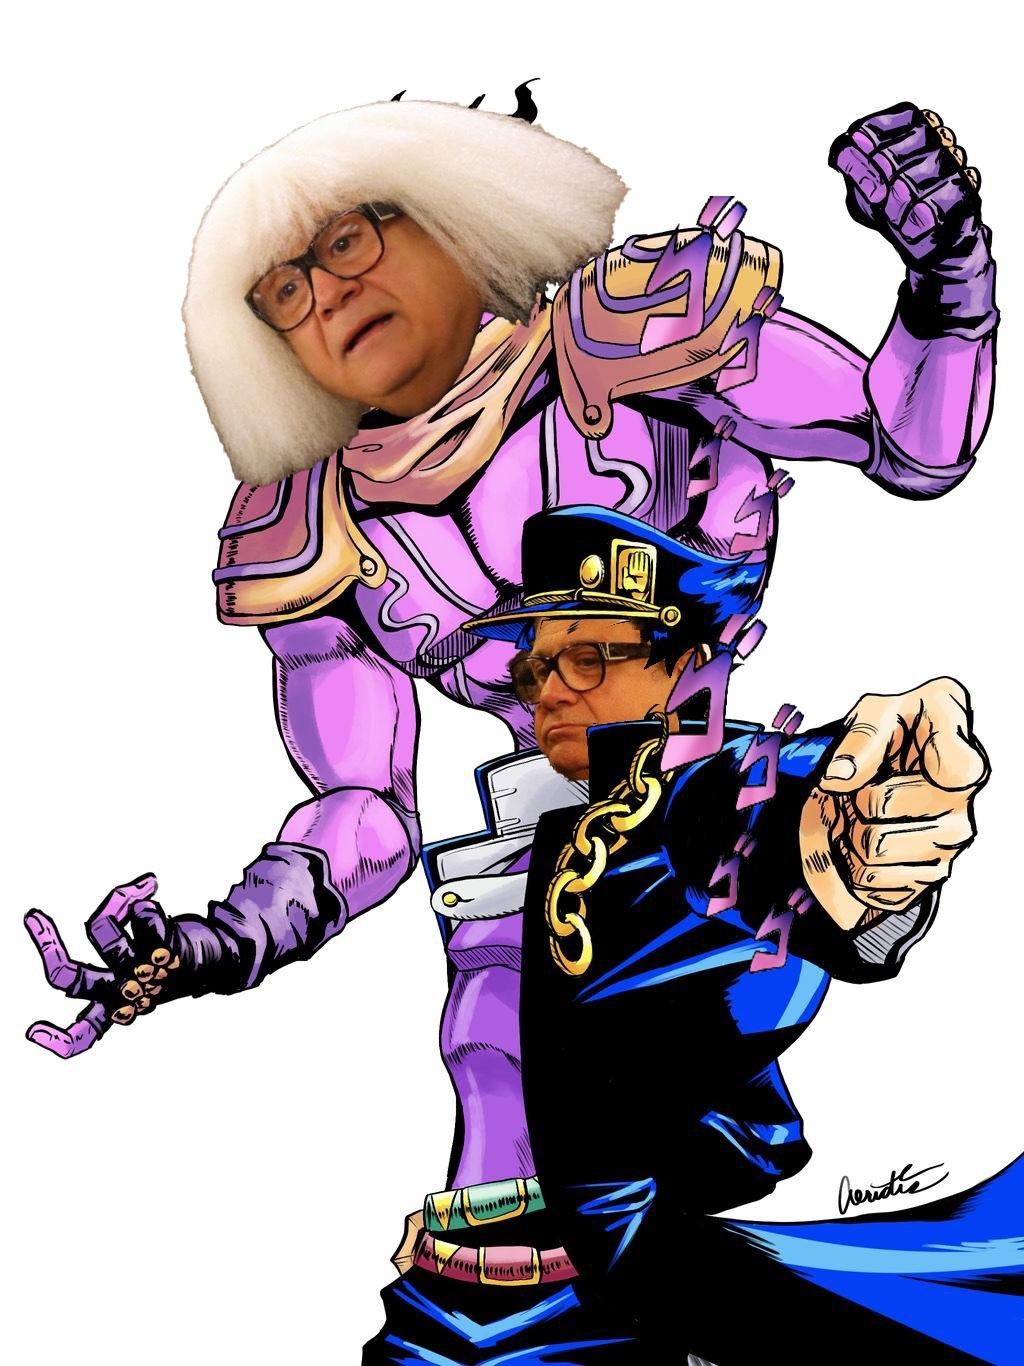 It is I Danny Devito with my stand Devito Platinum - meme